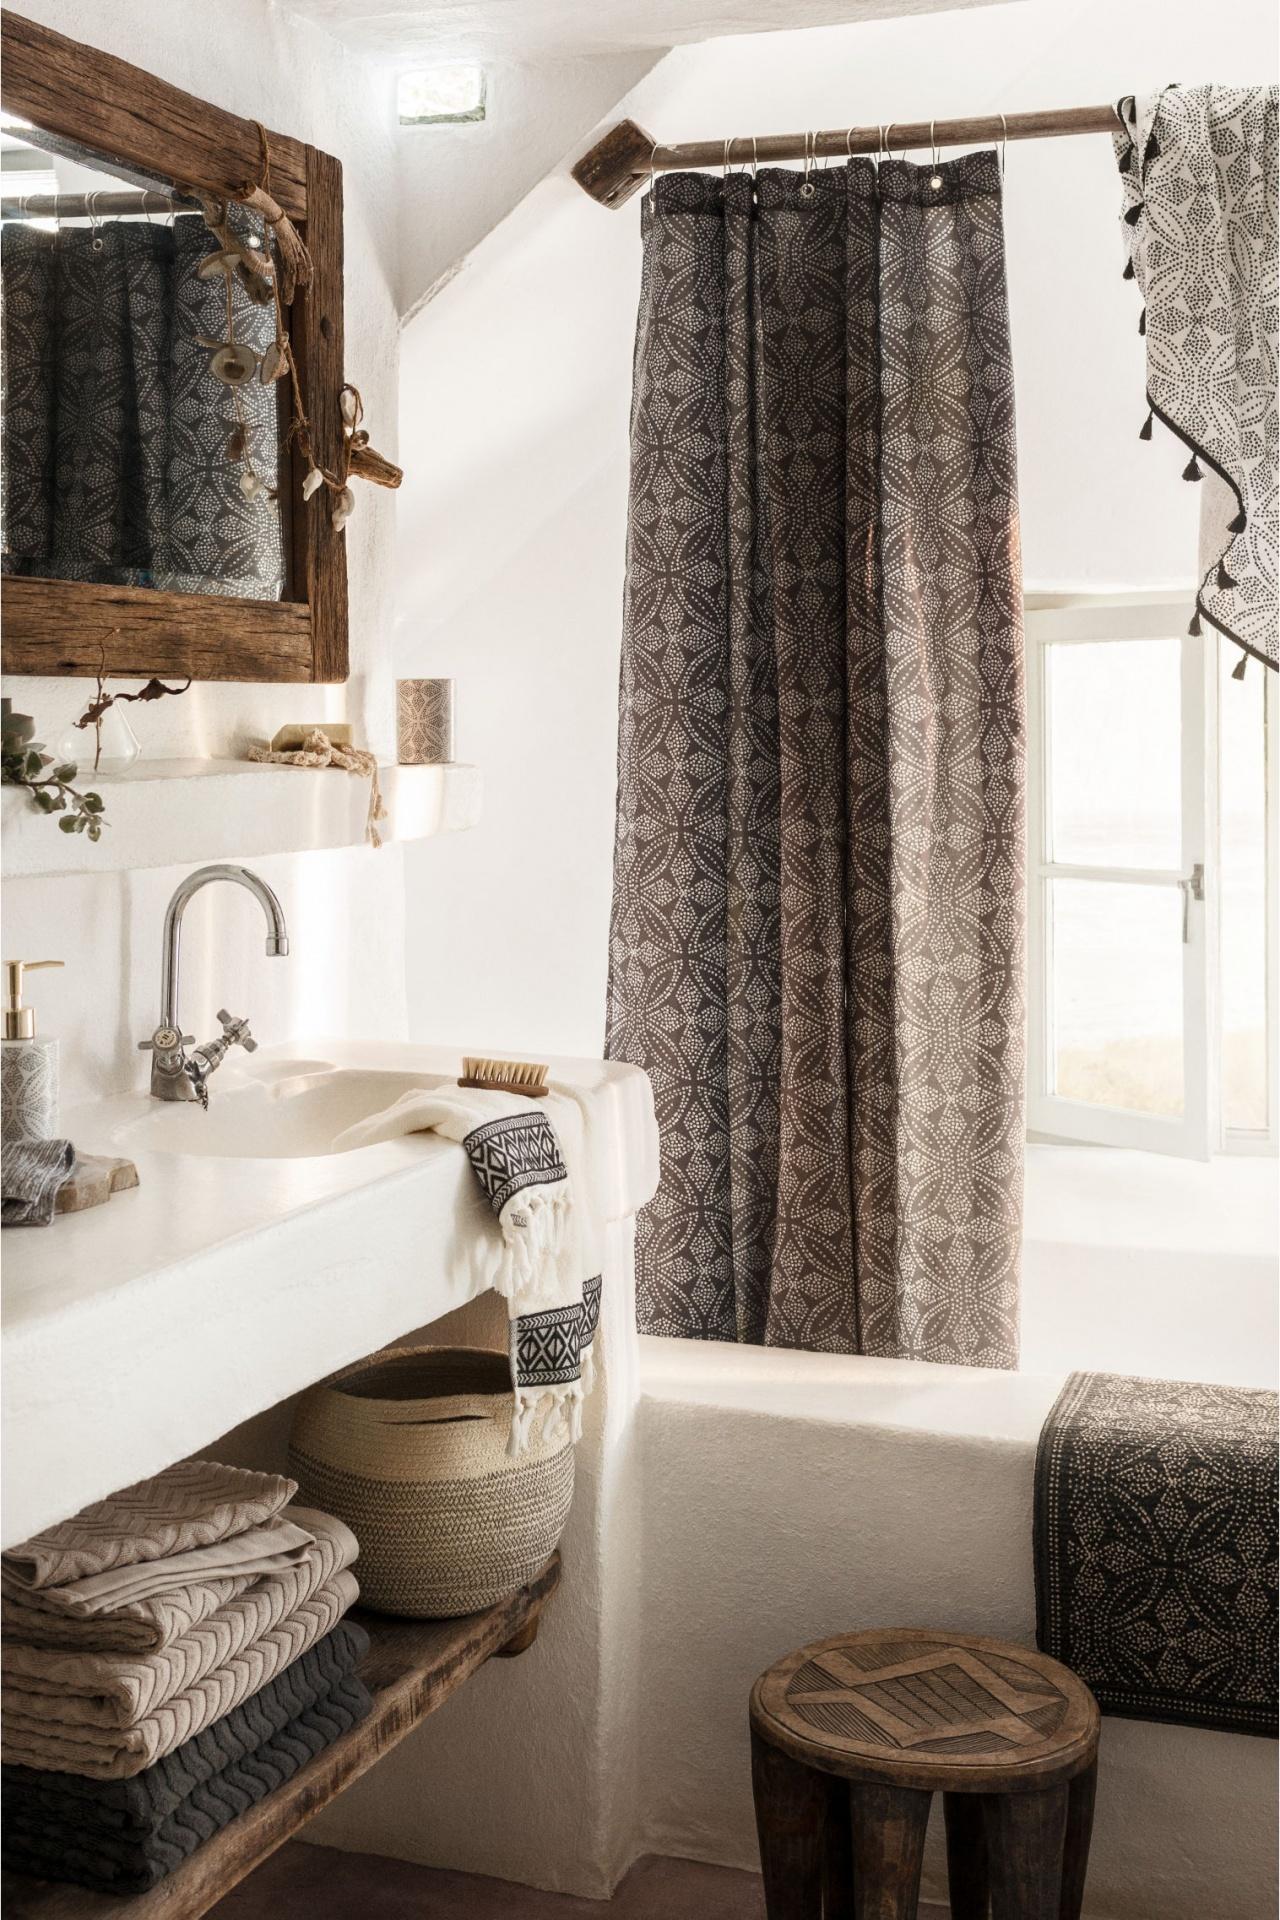 Ein Badezimmer wie ein Spa | newhome.ch | Blog